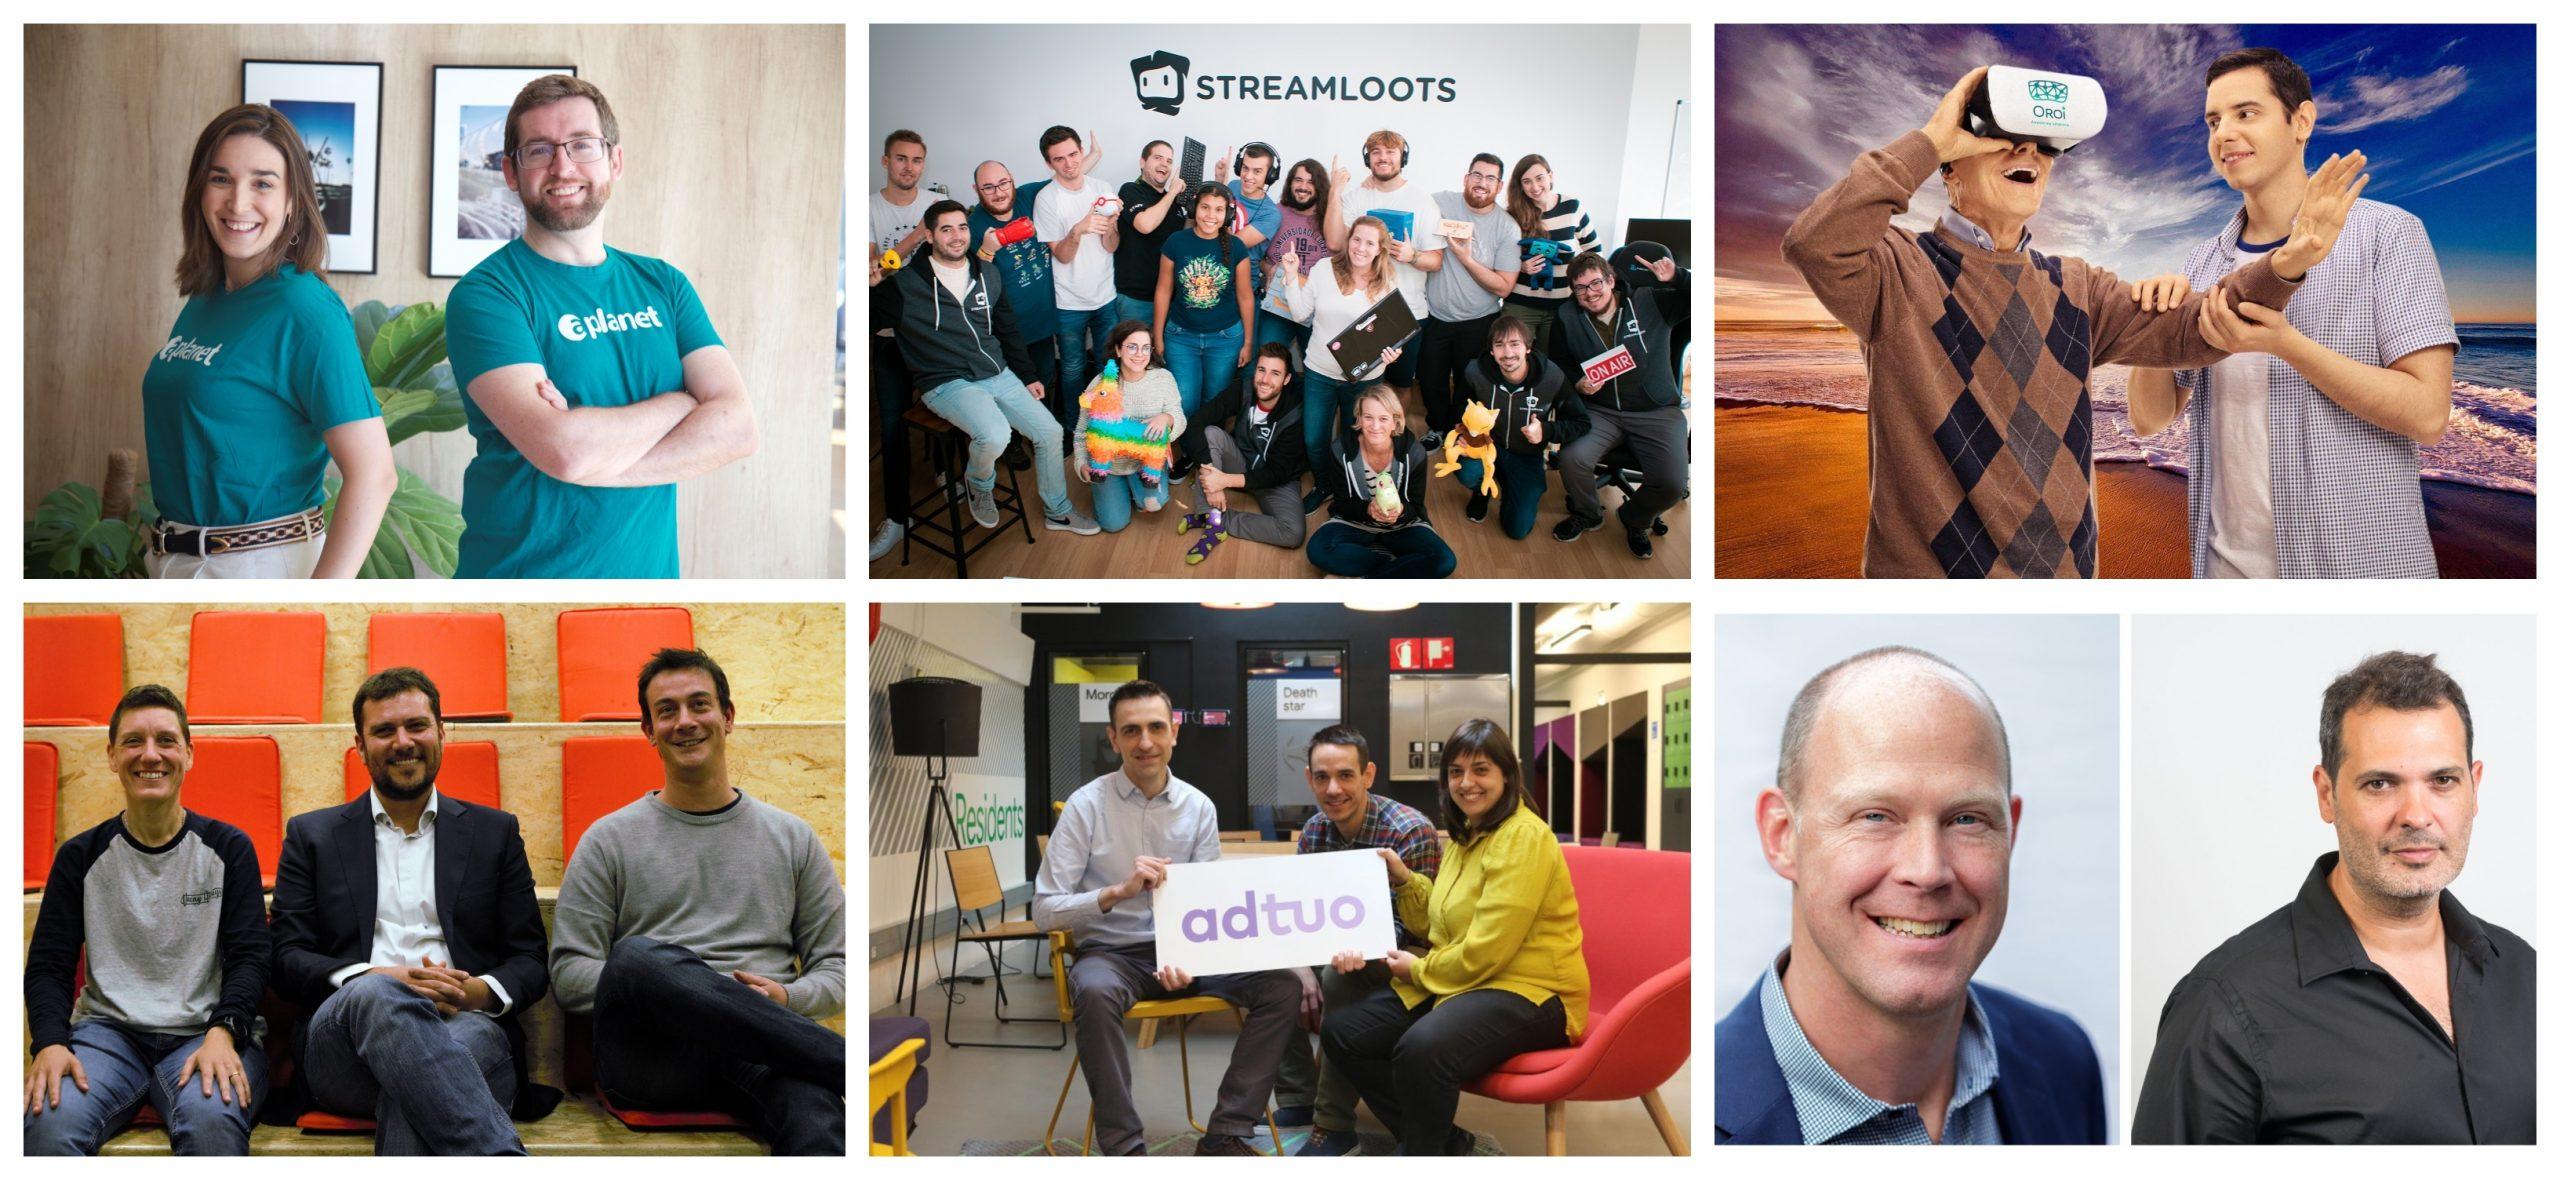 Septiembre cierra con 94 millones de euros invertidos en startups españolas